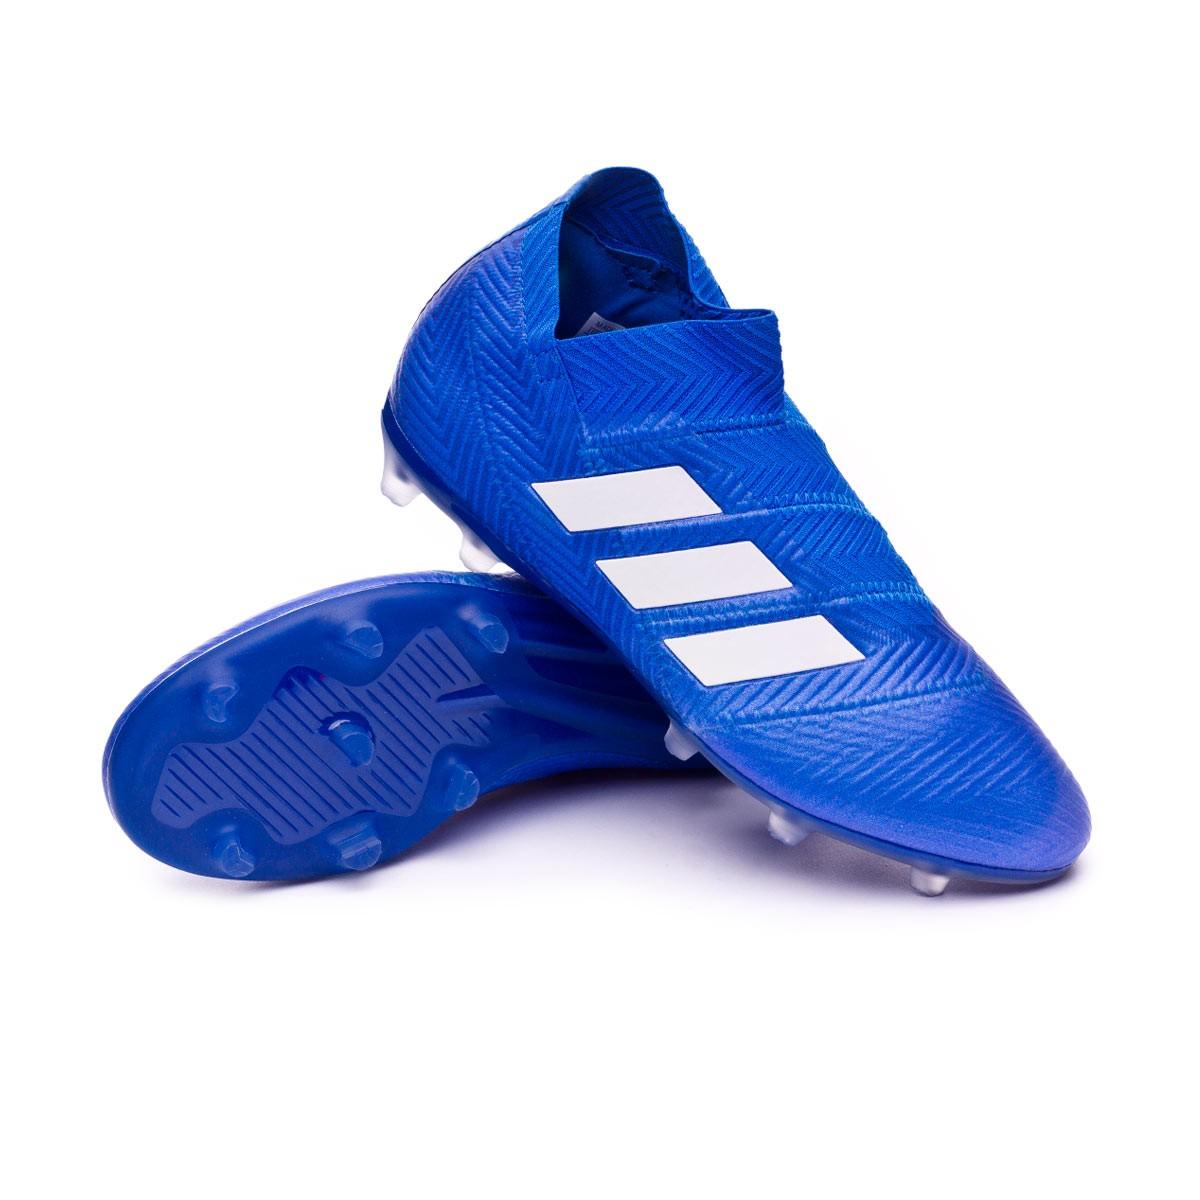 Scarpini Adidas Senza Lacci Adidas Nemeziz 18+ FG